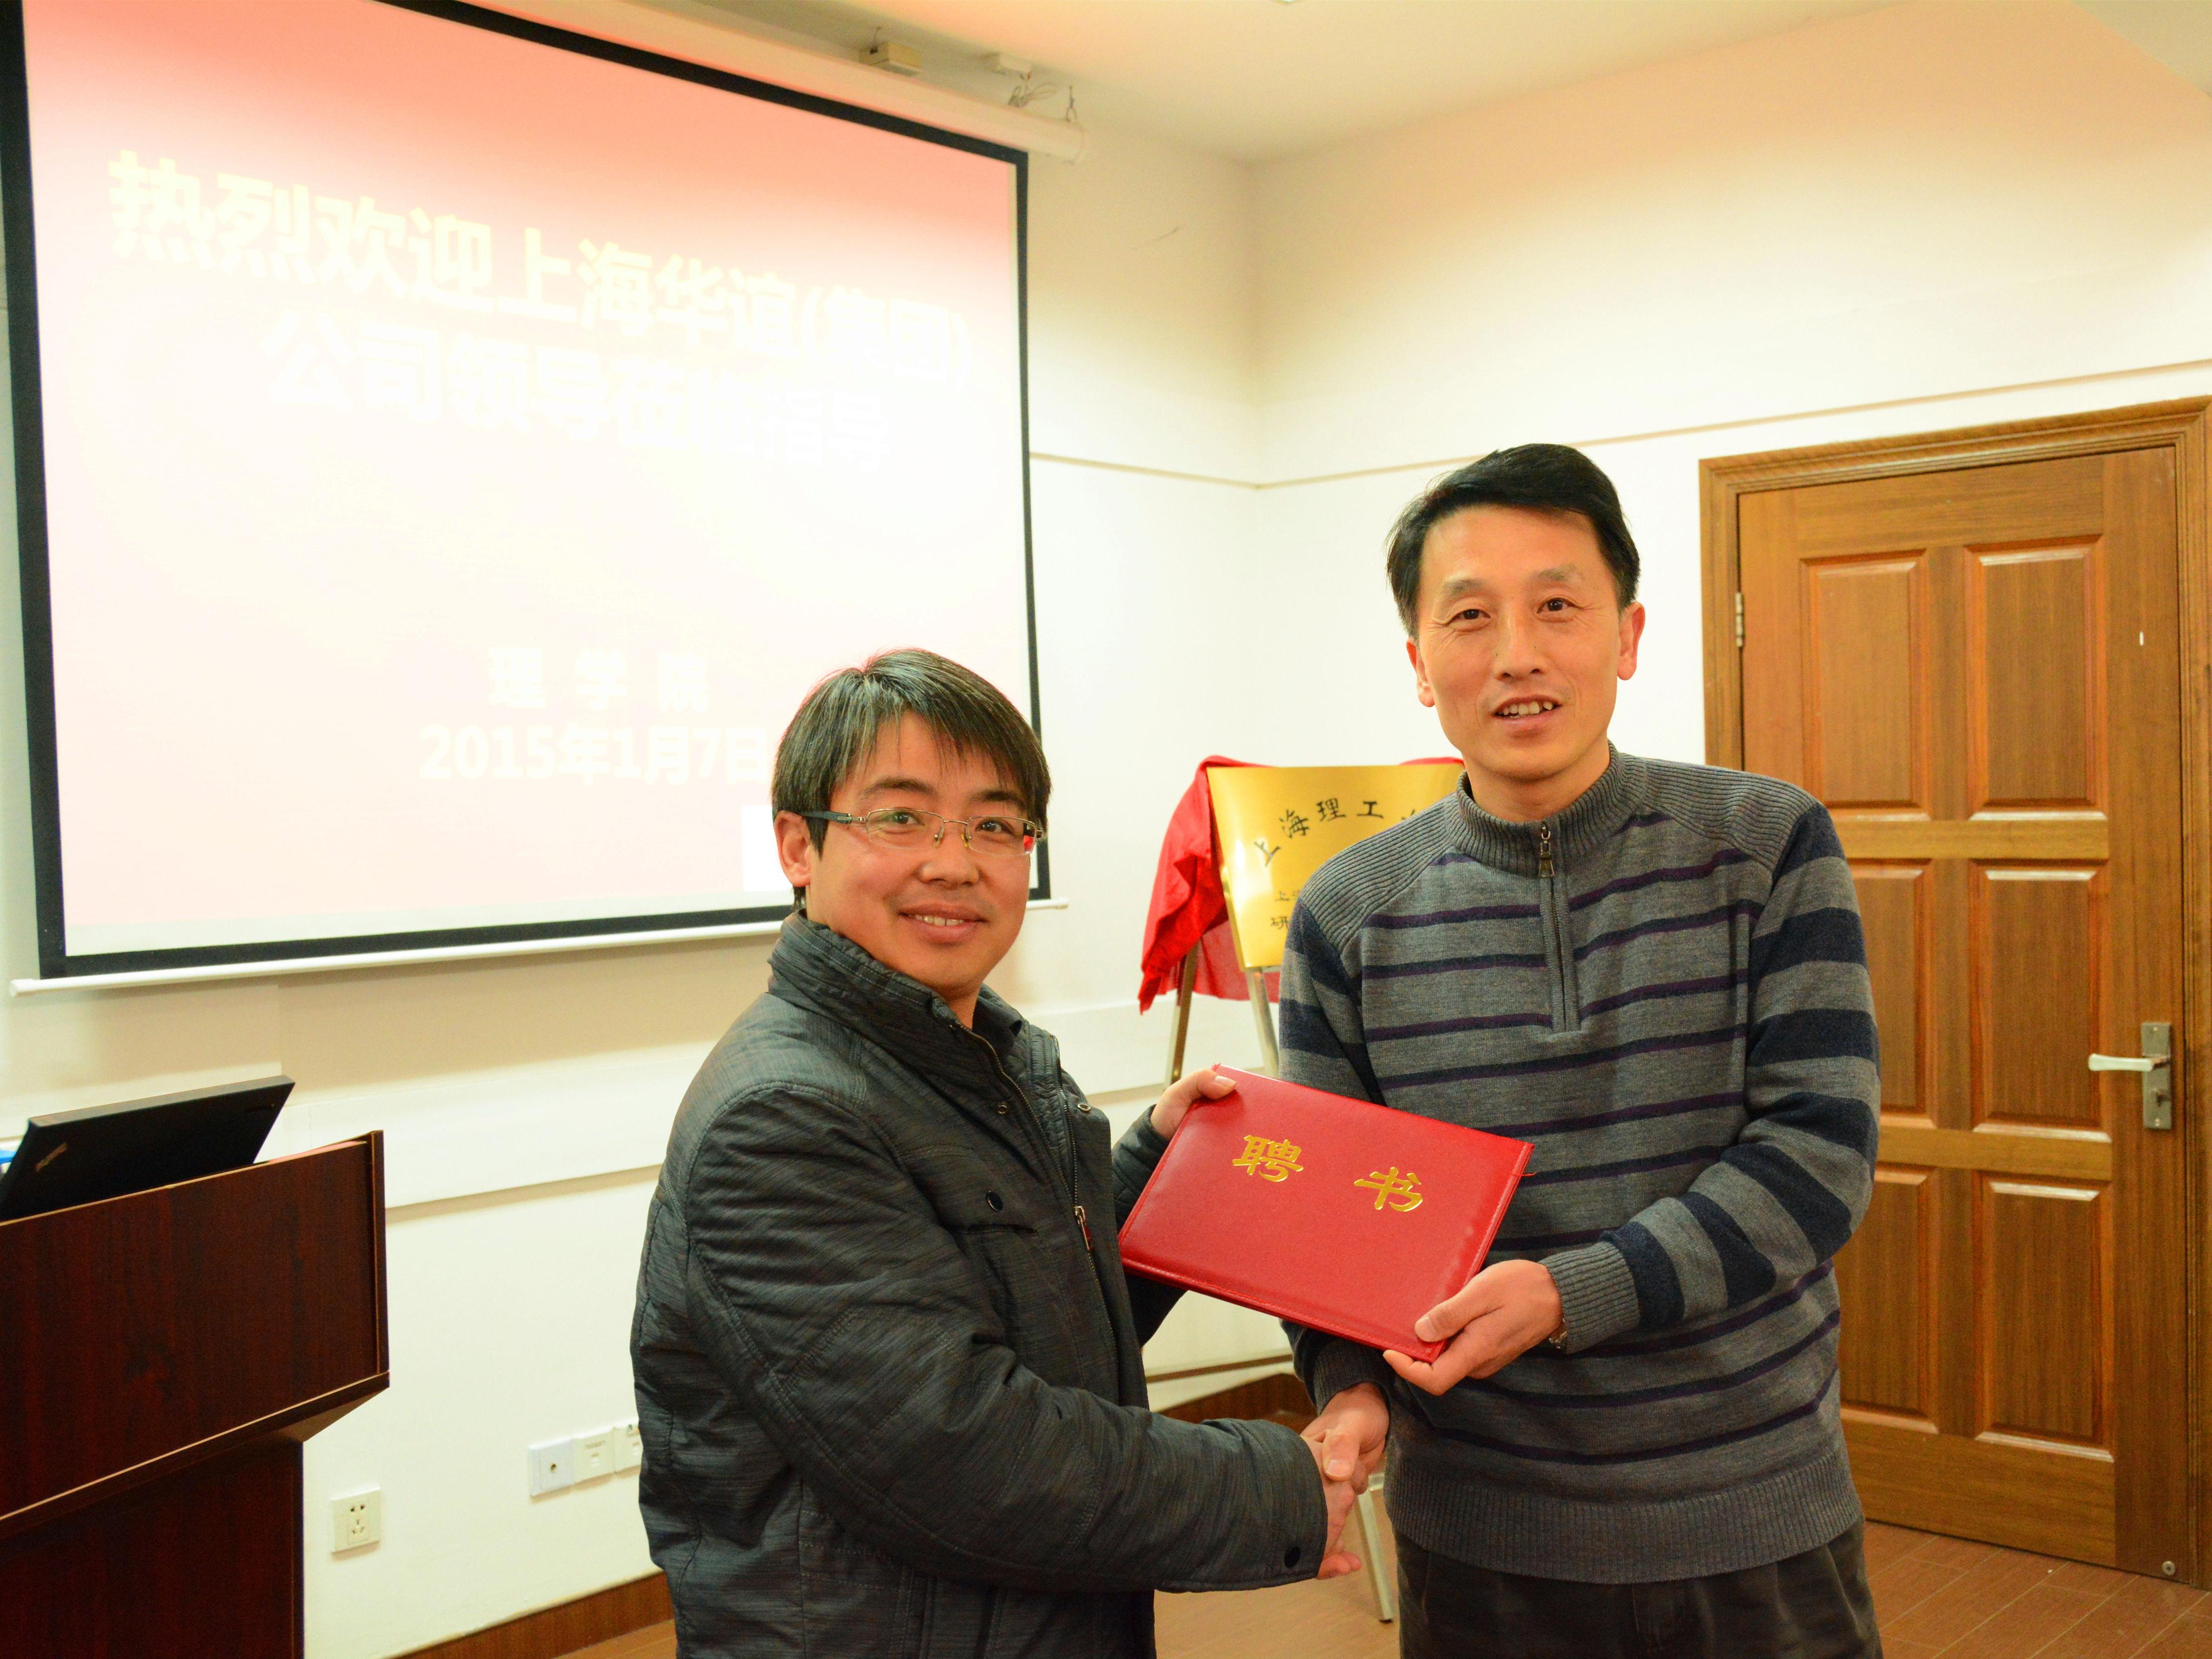 刘宝林,出生于1968年6月,是上海理工大学教授.图片